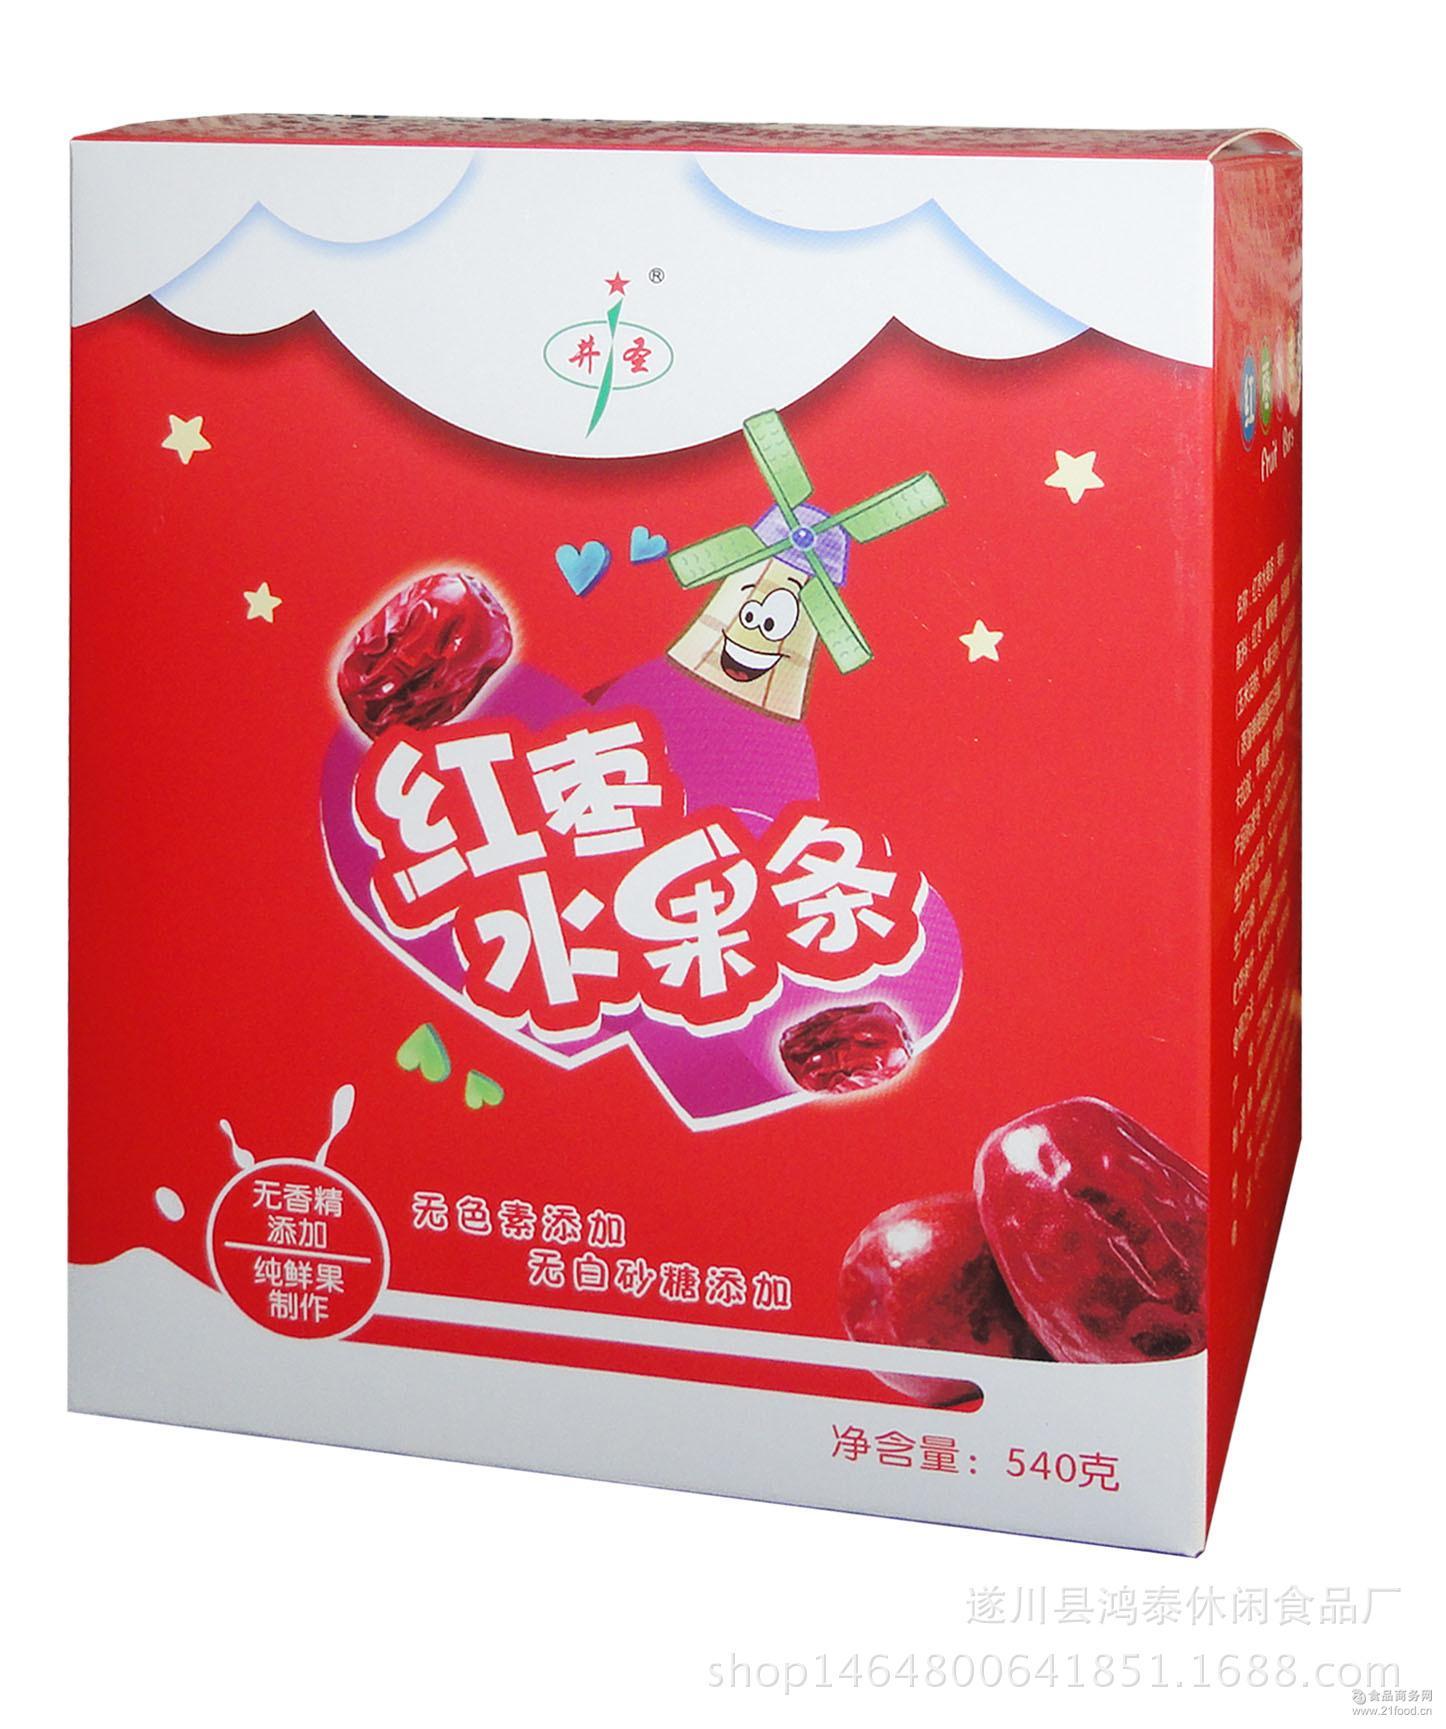 草莓糕 水果条系列产品 南酸枣糕 猕猴桃糕等果糕系列产品